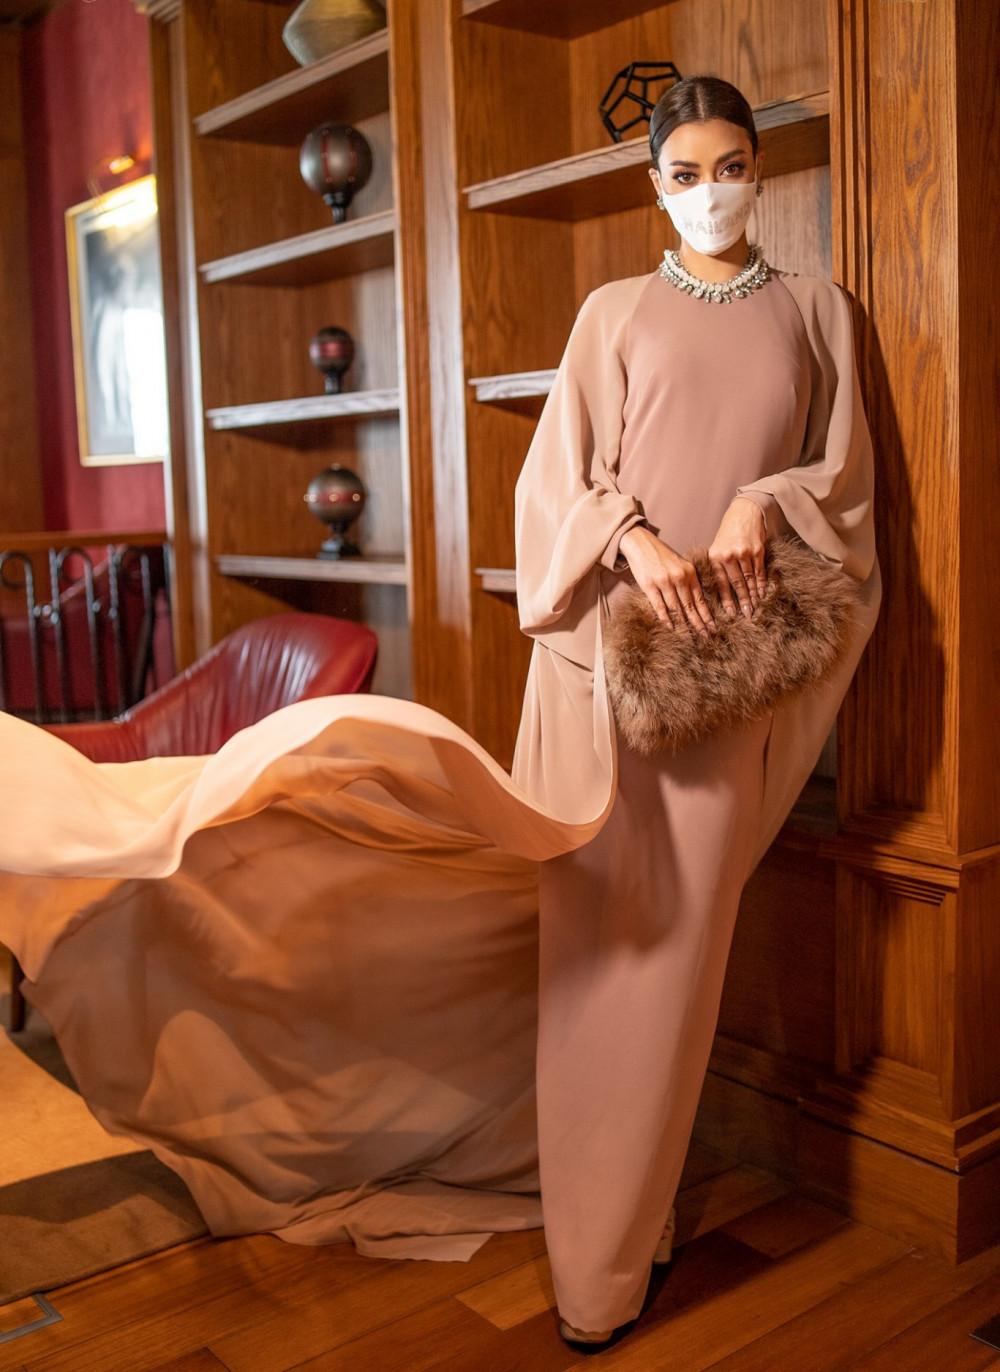 Bộ váy có màu sắc, kiểu trông khá đứng tuổi nhưng nhờ cách phối phụ kiện hợp lý trông vừa vặn với Amanda.